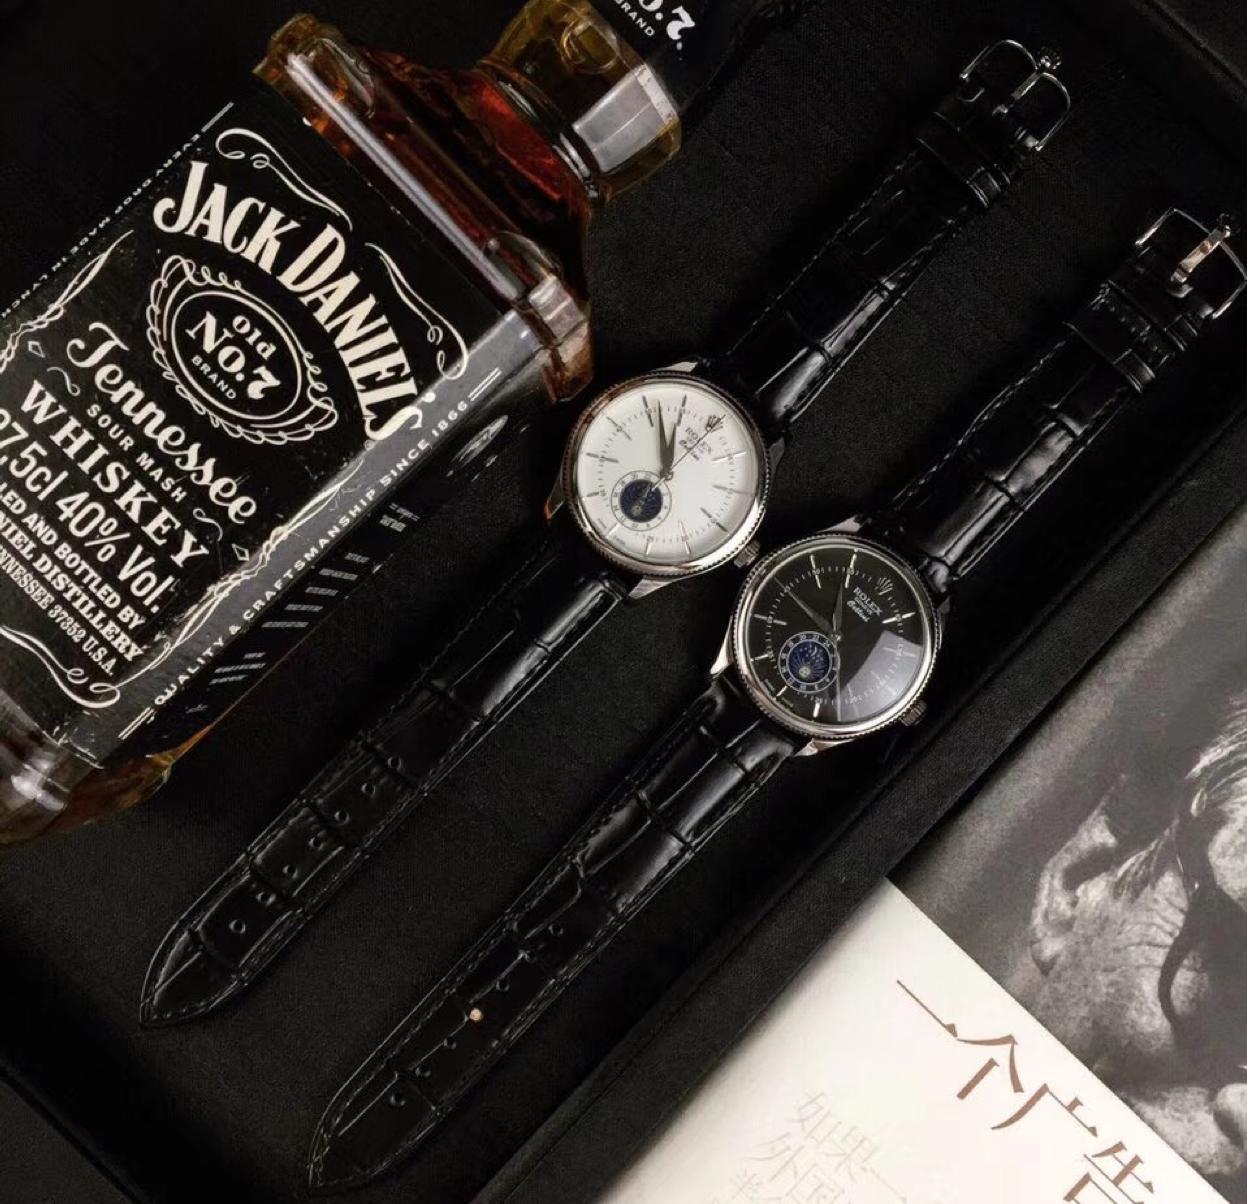 mua bán các loại đồng hồ cũ